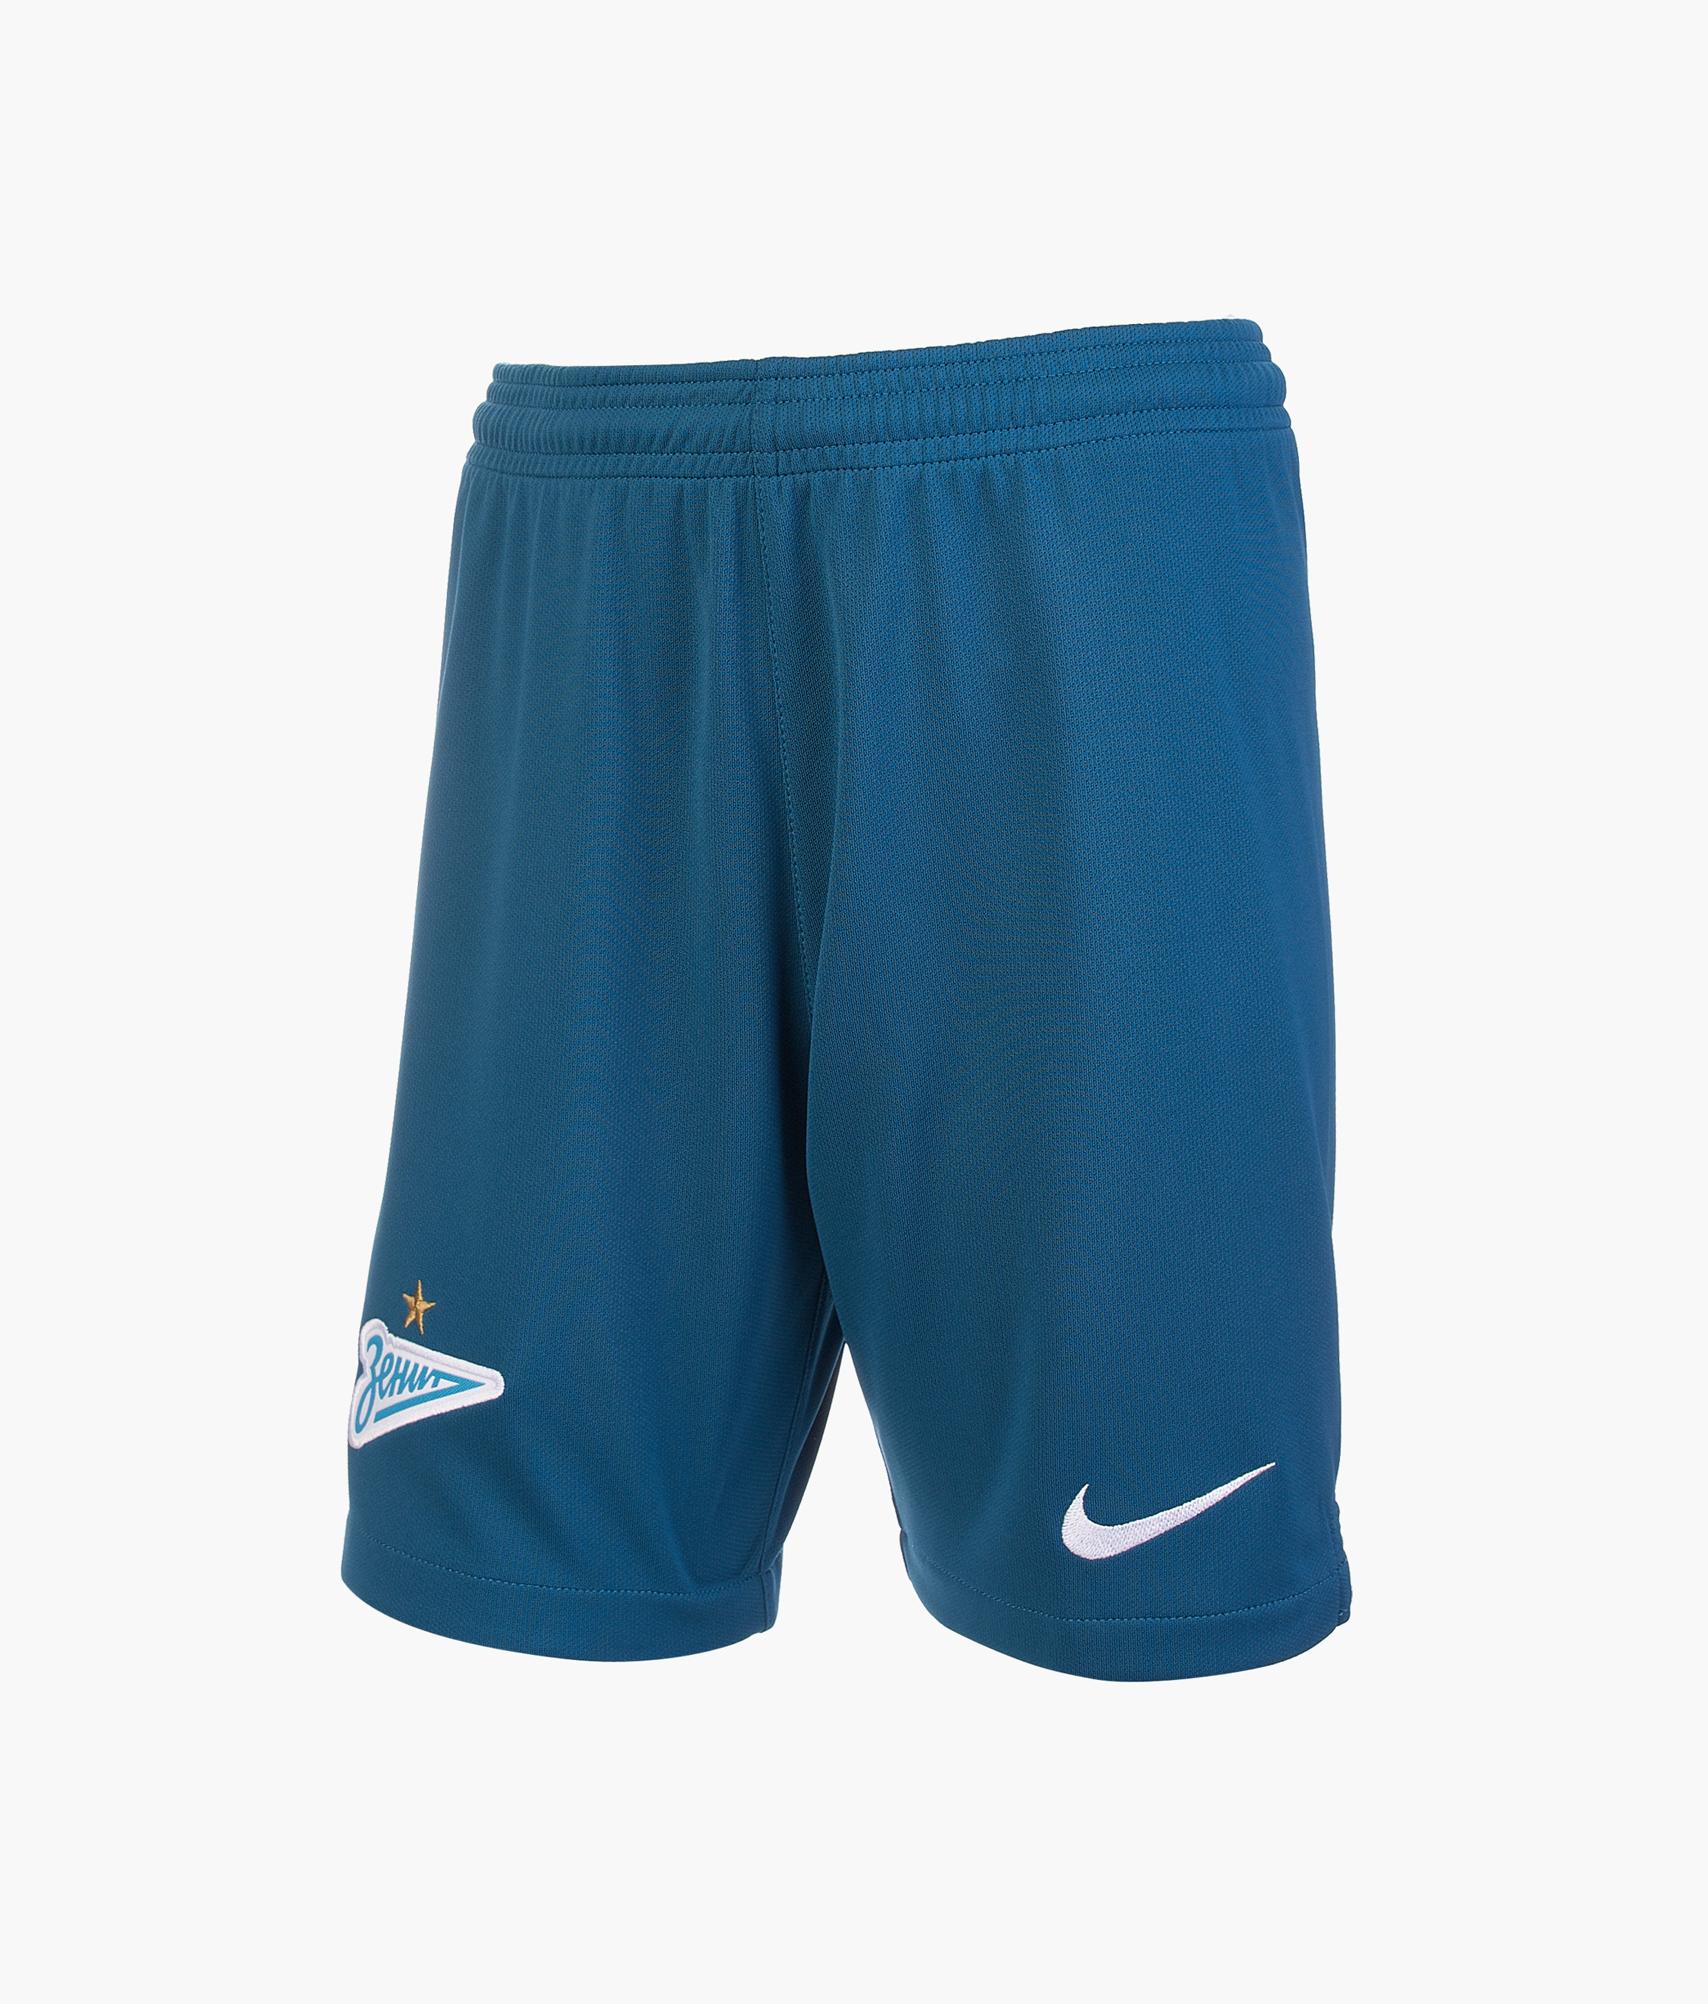 цена на Подростковые домашние шорты Nike сезона 2019/2020 Nike Цвет-Синий